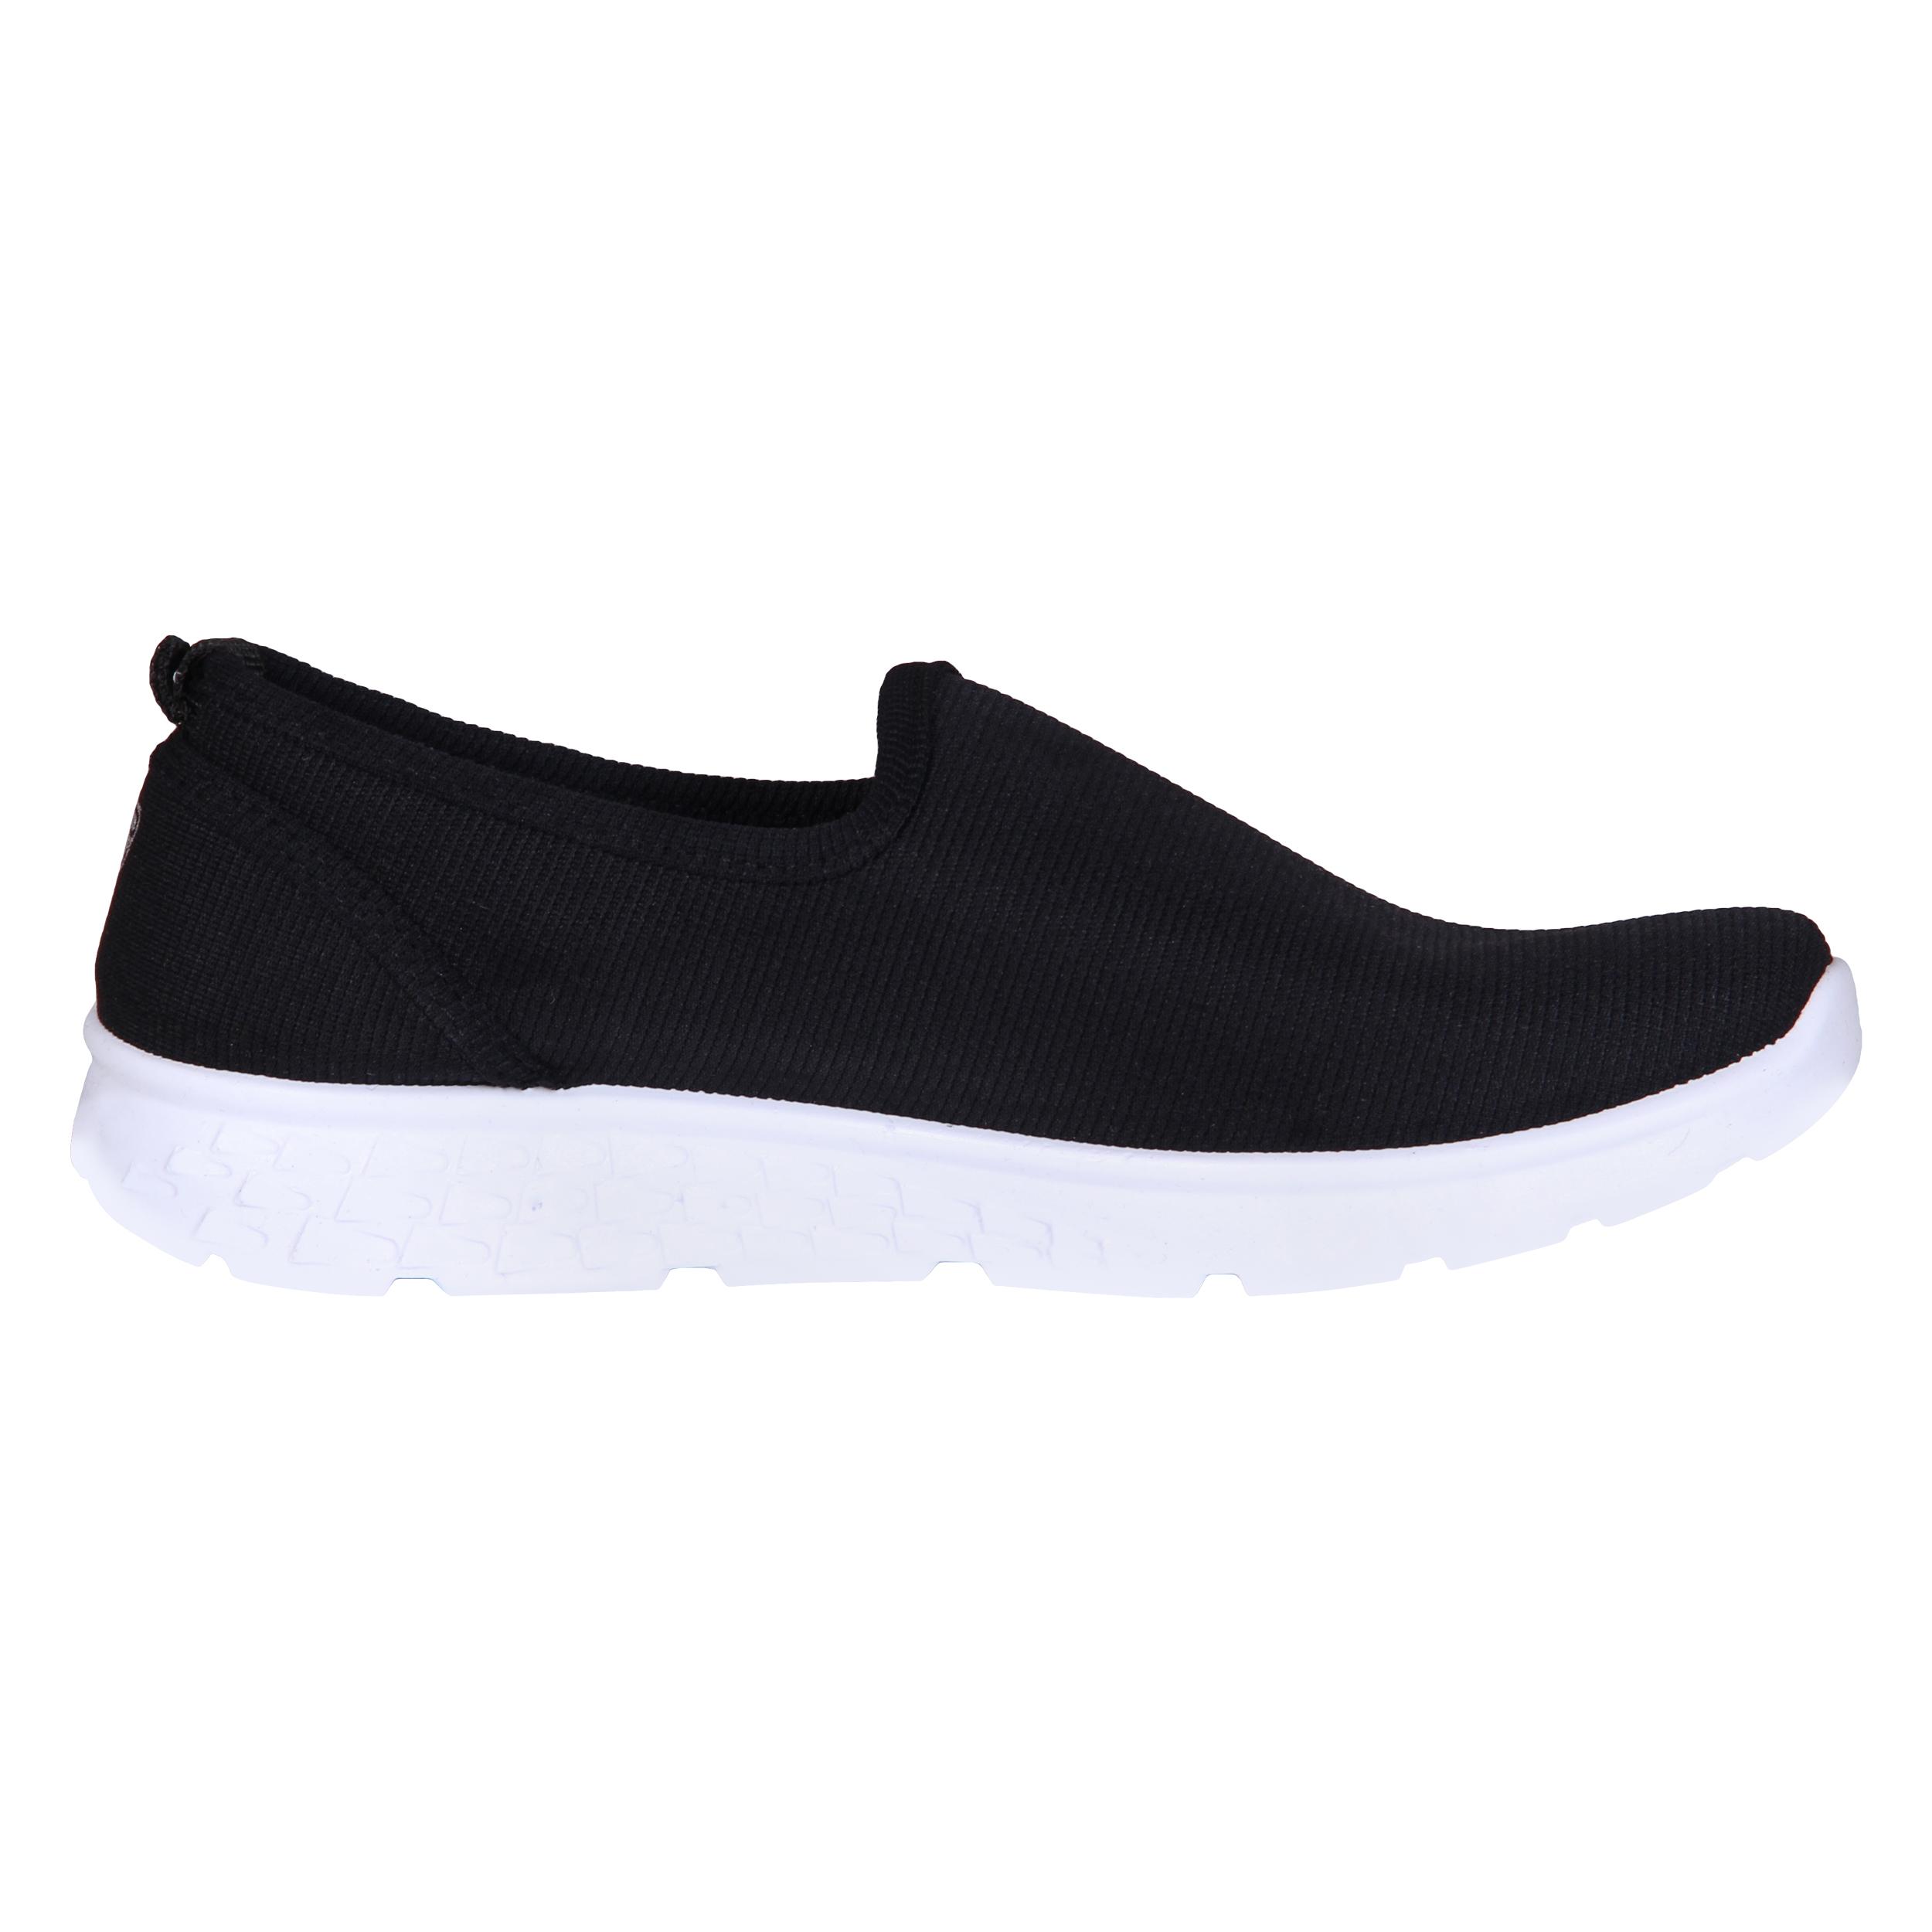 خرید                         کفش راحتی مردانه کد 69-2400060              👟